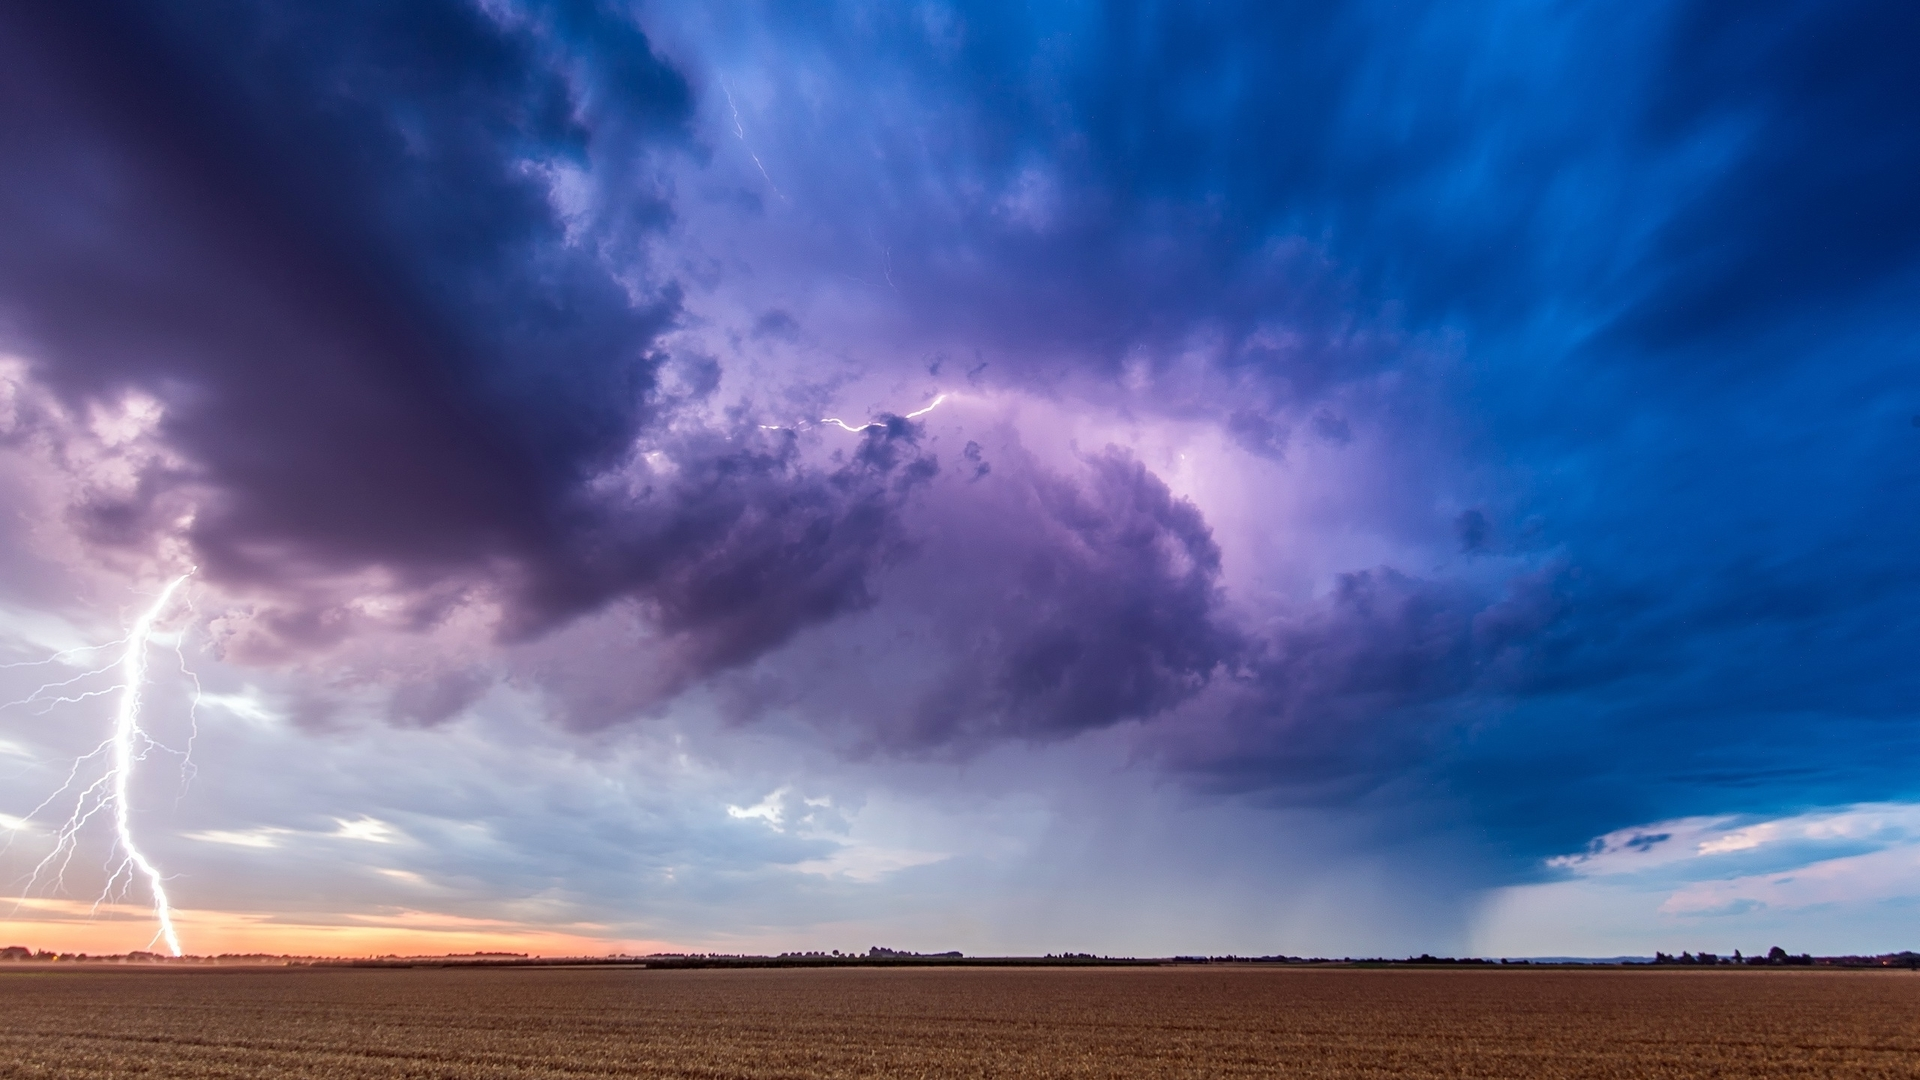 storm cloud wallpaper wallpapersafari